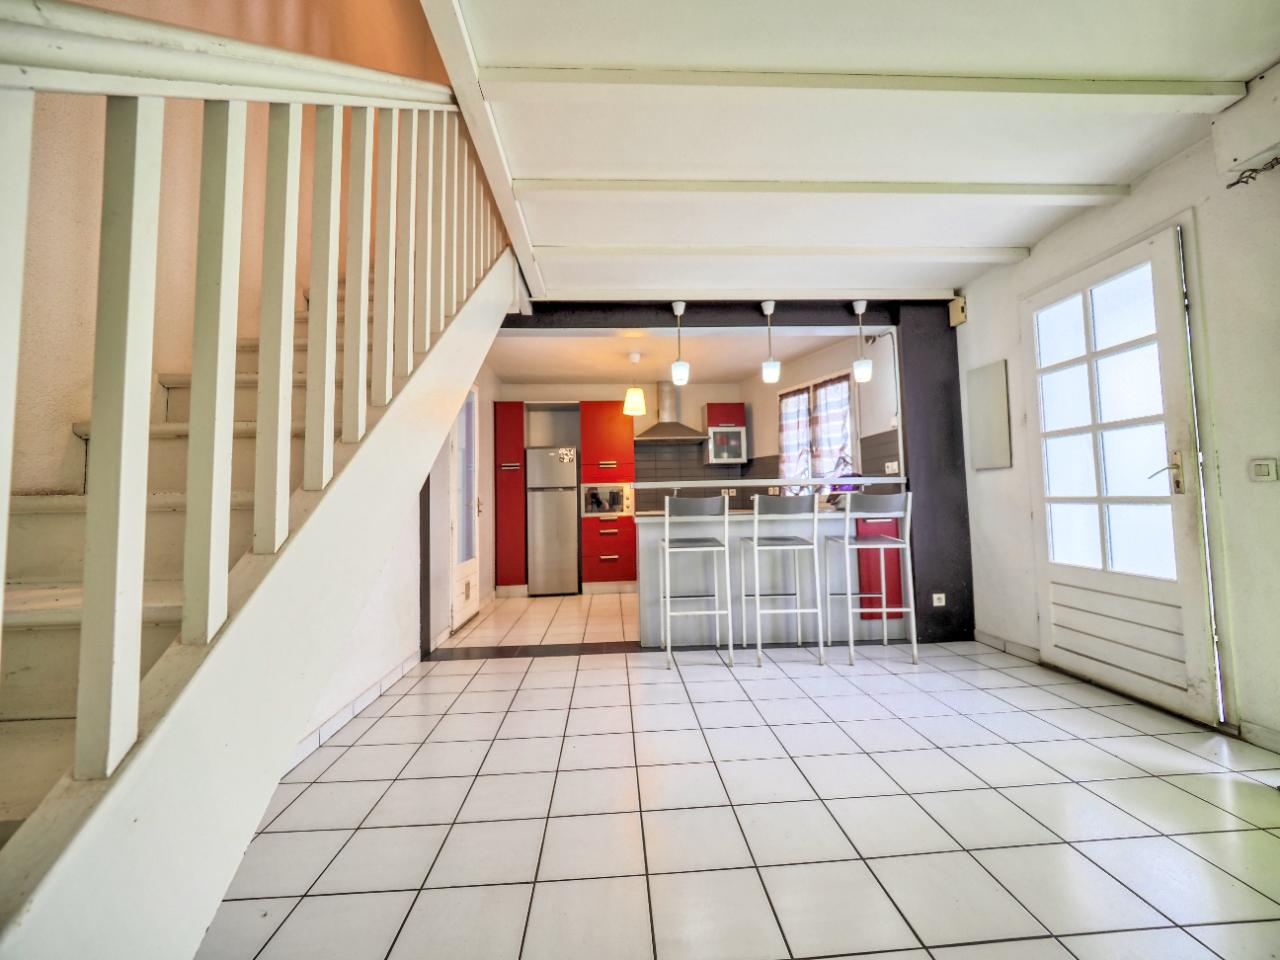 Vente appartement T4  à ASCAIN - 4